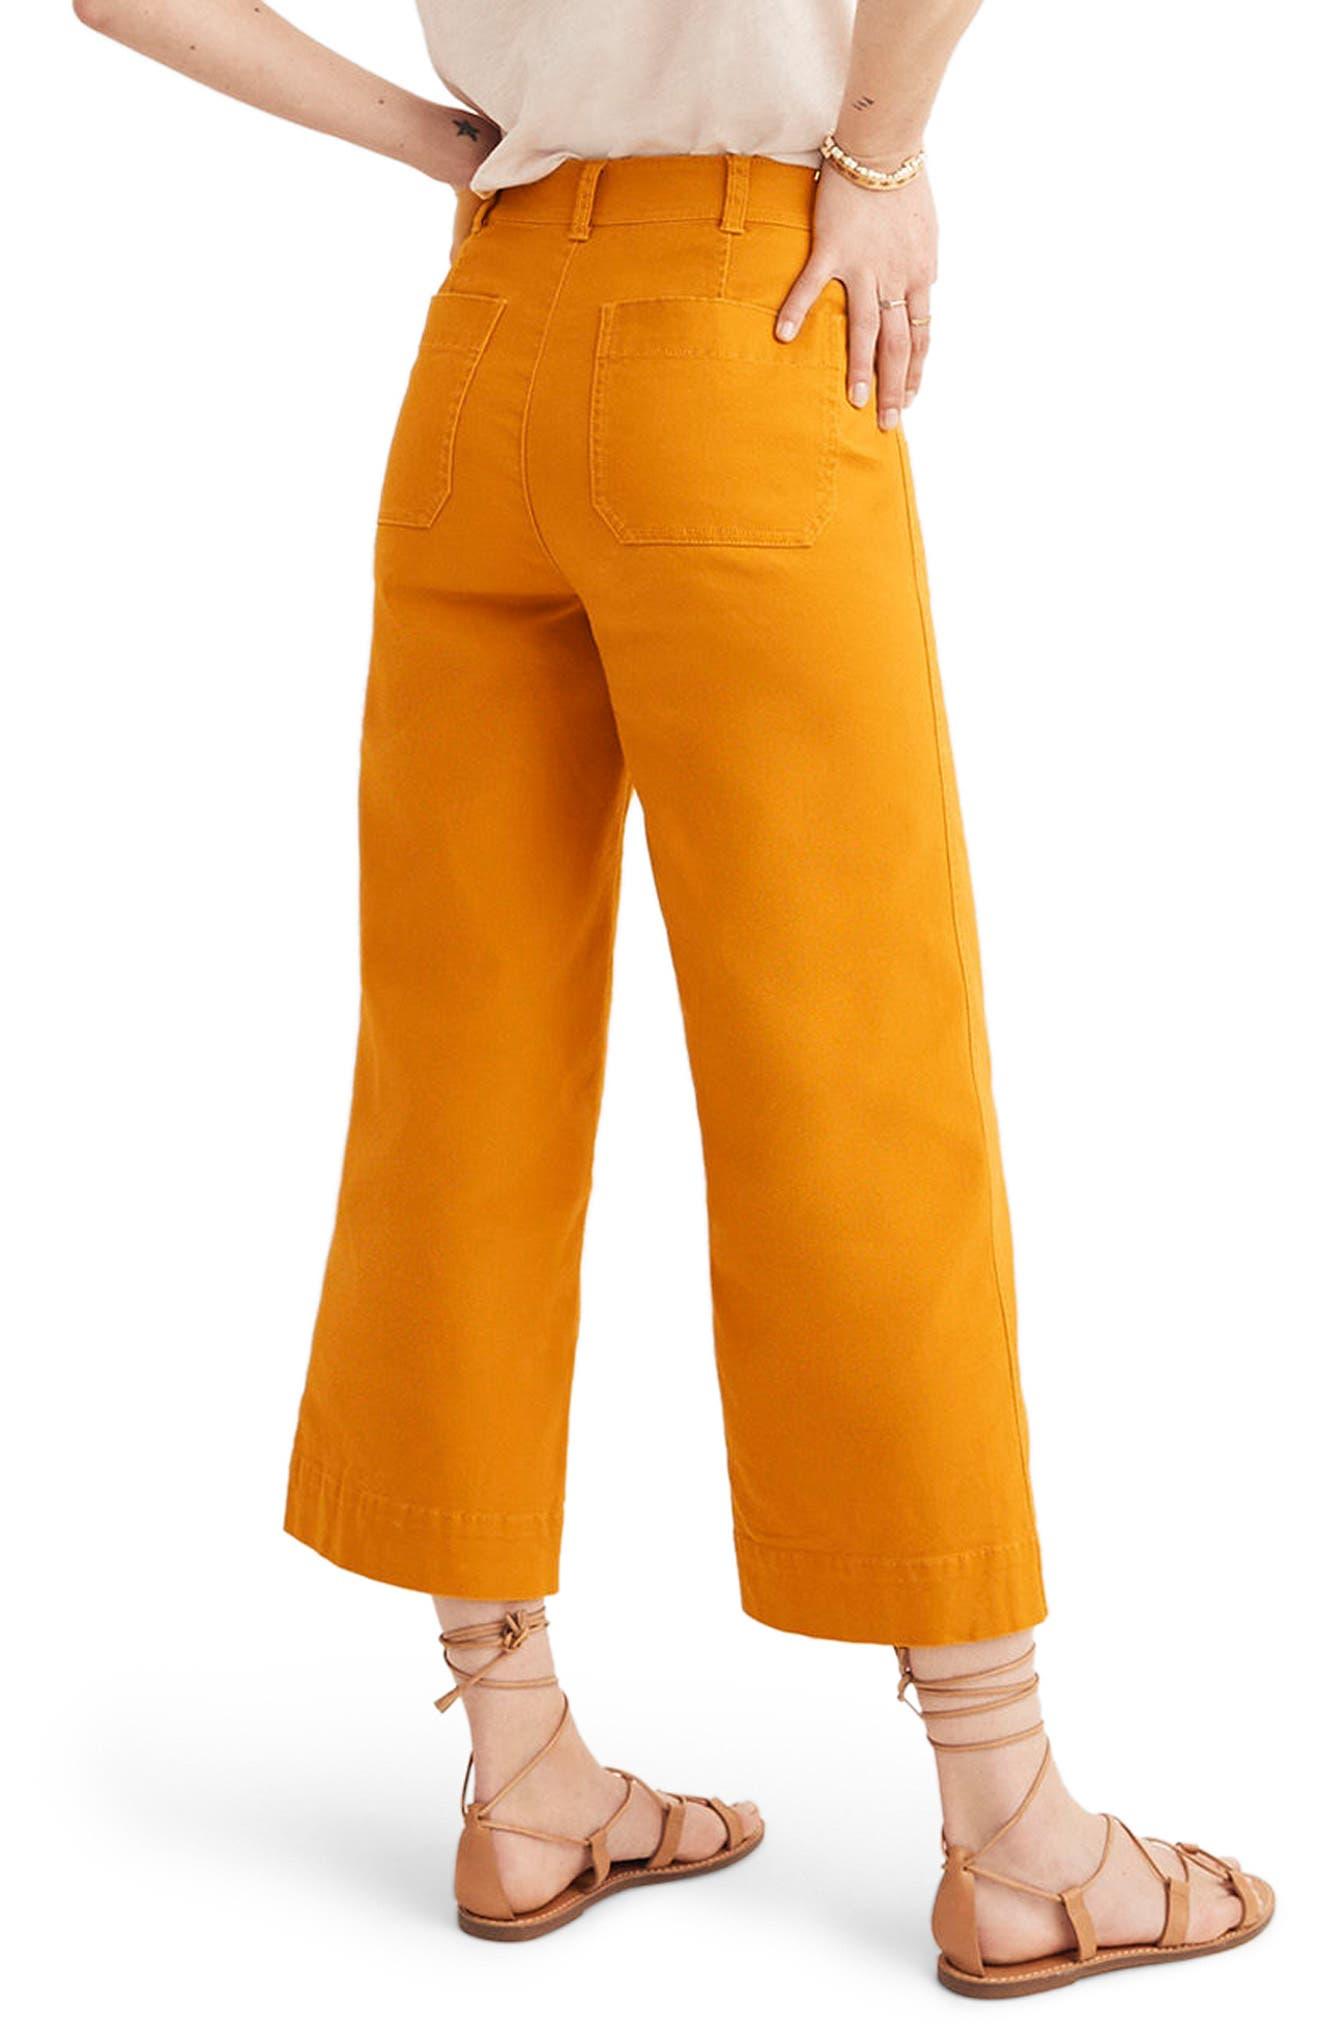 Emmett Wide Leg Crop Pants,                             Alternate thumbnail 2, color,                             700